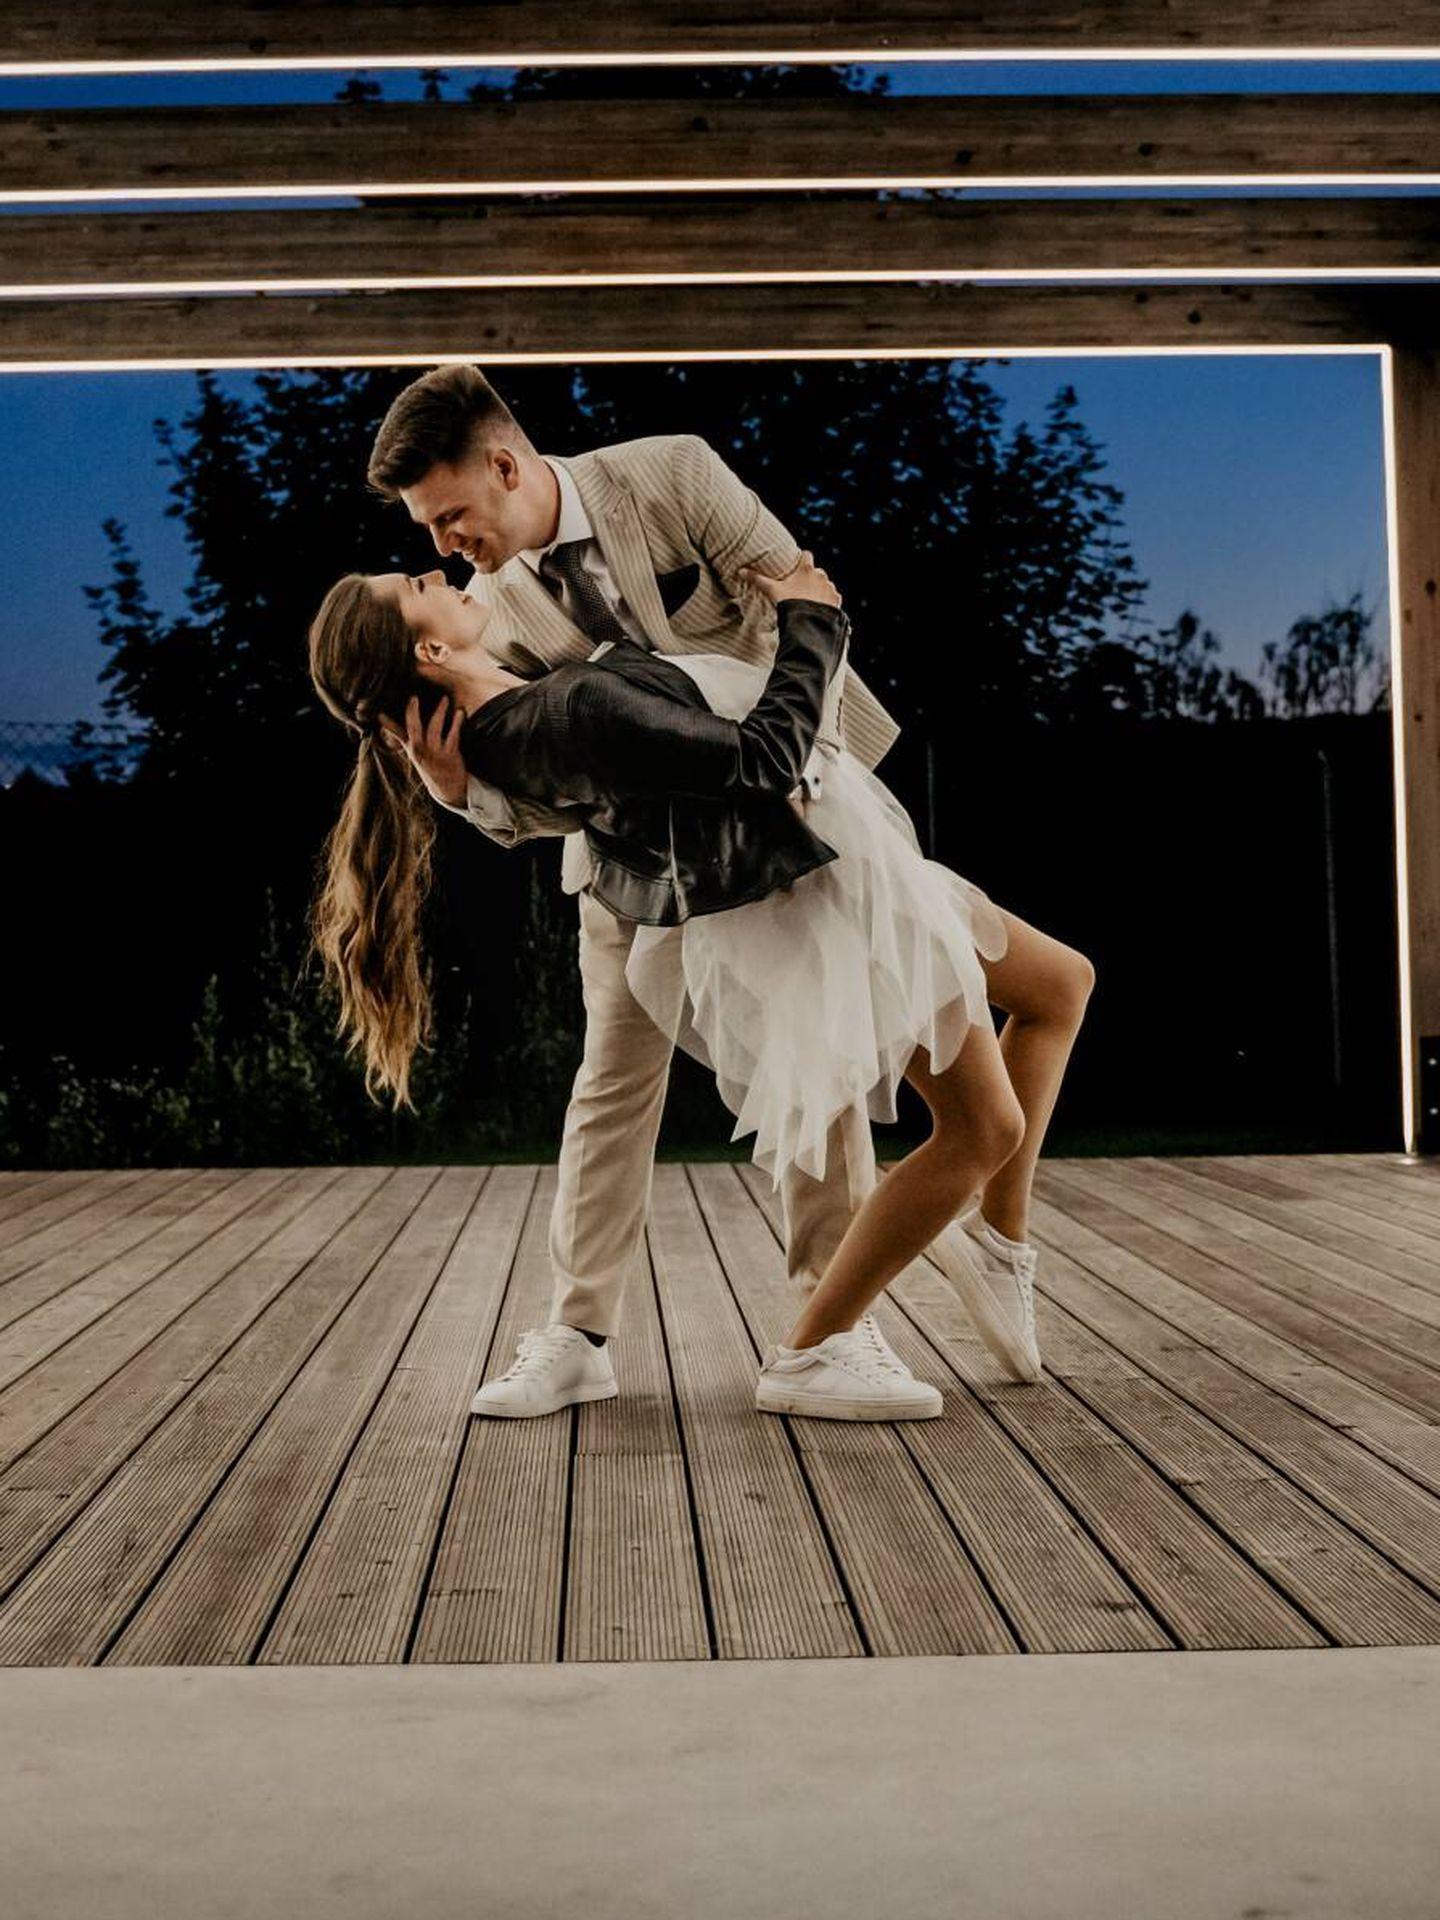 Canción para el primer baile casados. ( Victoria Priessnitz para Unsplash)